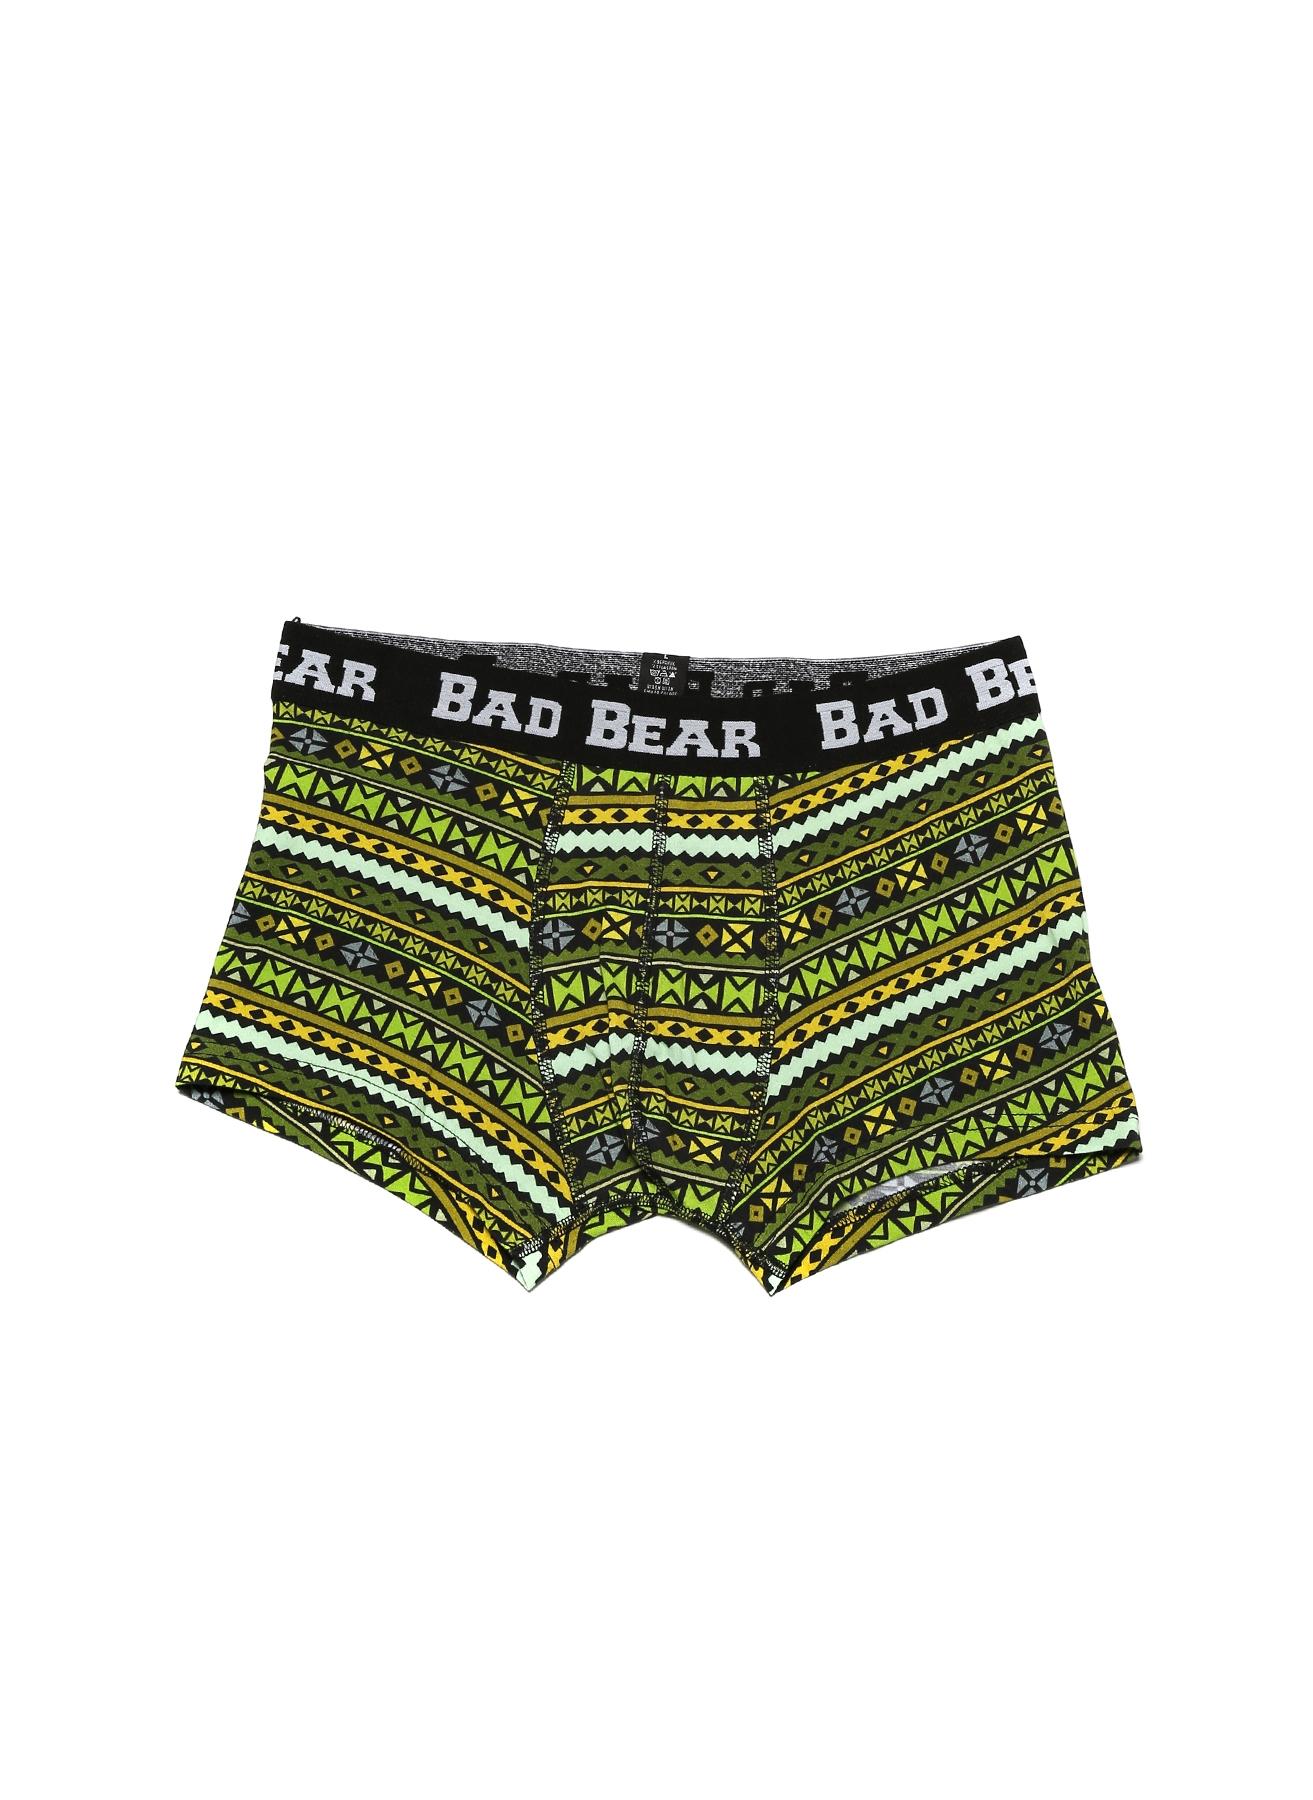 Bad Bear Etnik Desenli Boxer L 5000210763001 Ürün Resmi